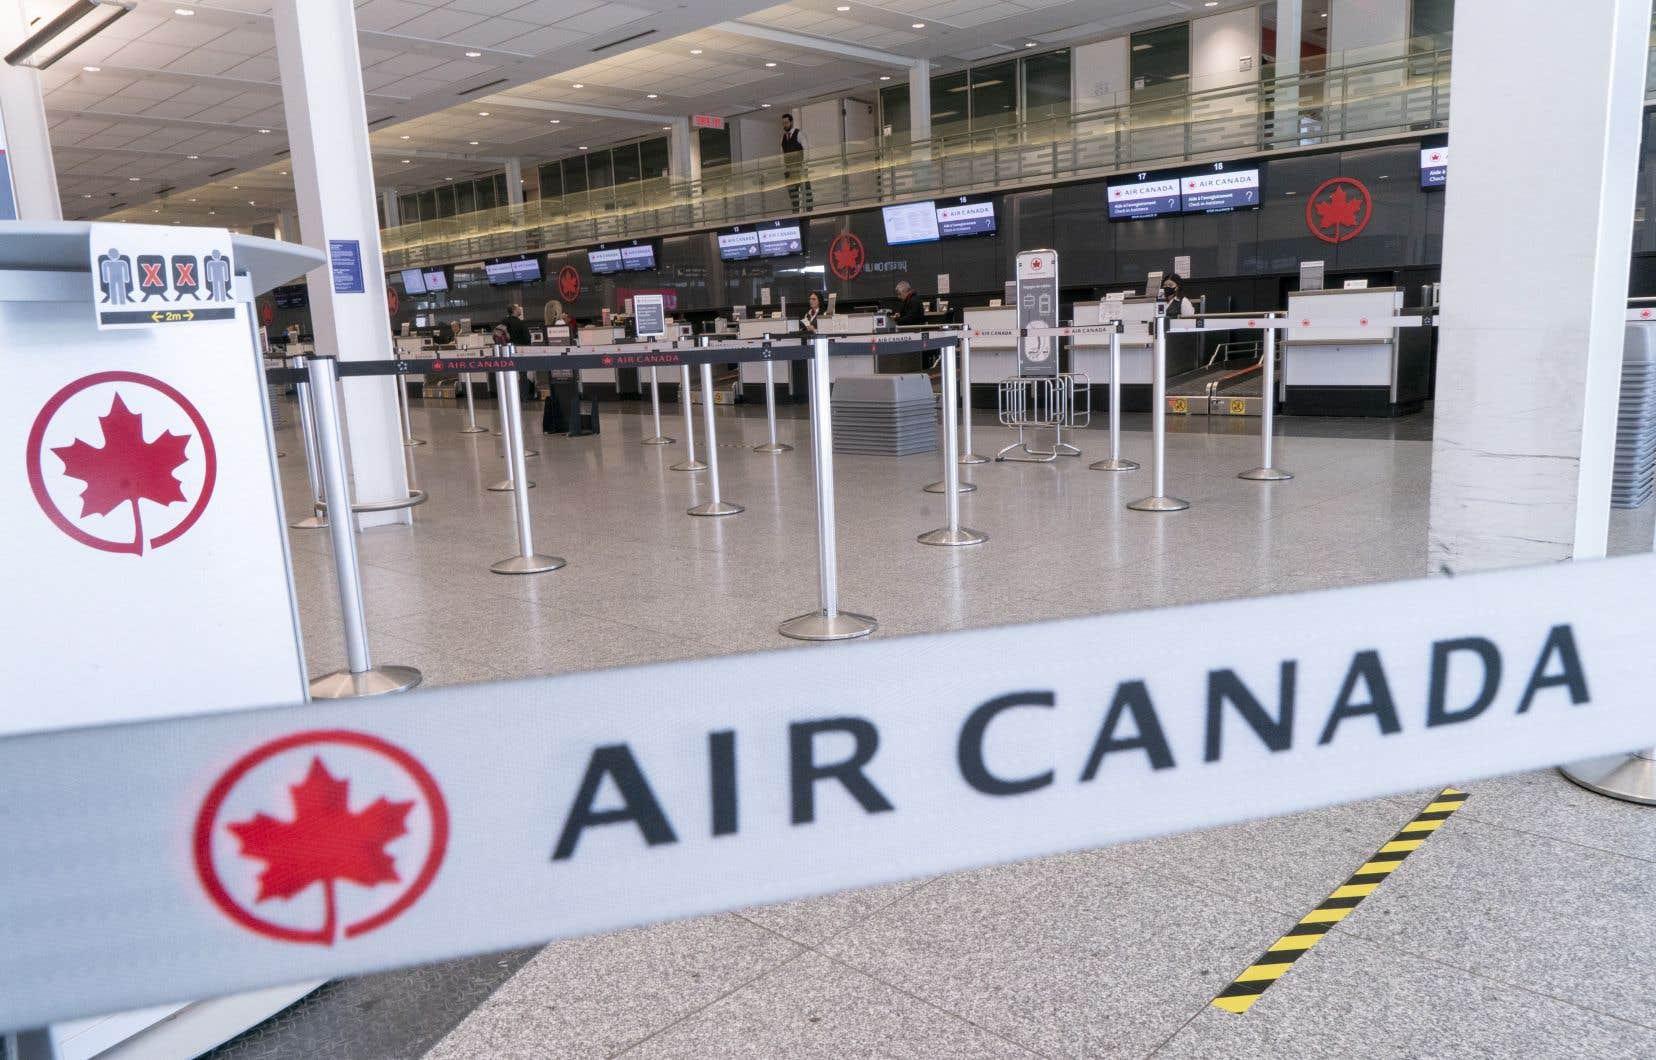 <p>Le premier ministre, Justin Trudeau, a confirmé samedi que le Canada continuerait de restreindre les voyages non essentiels au sud de la frontière.</p>